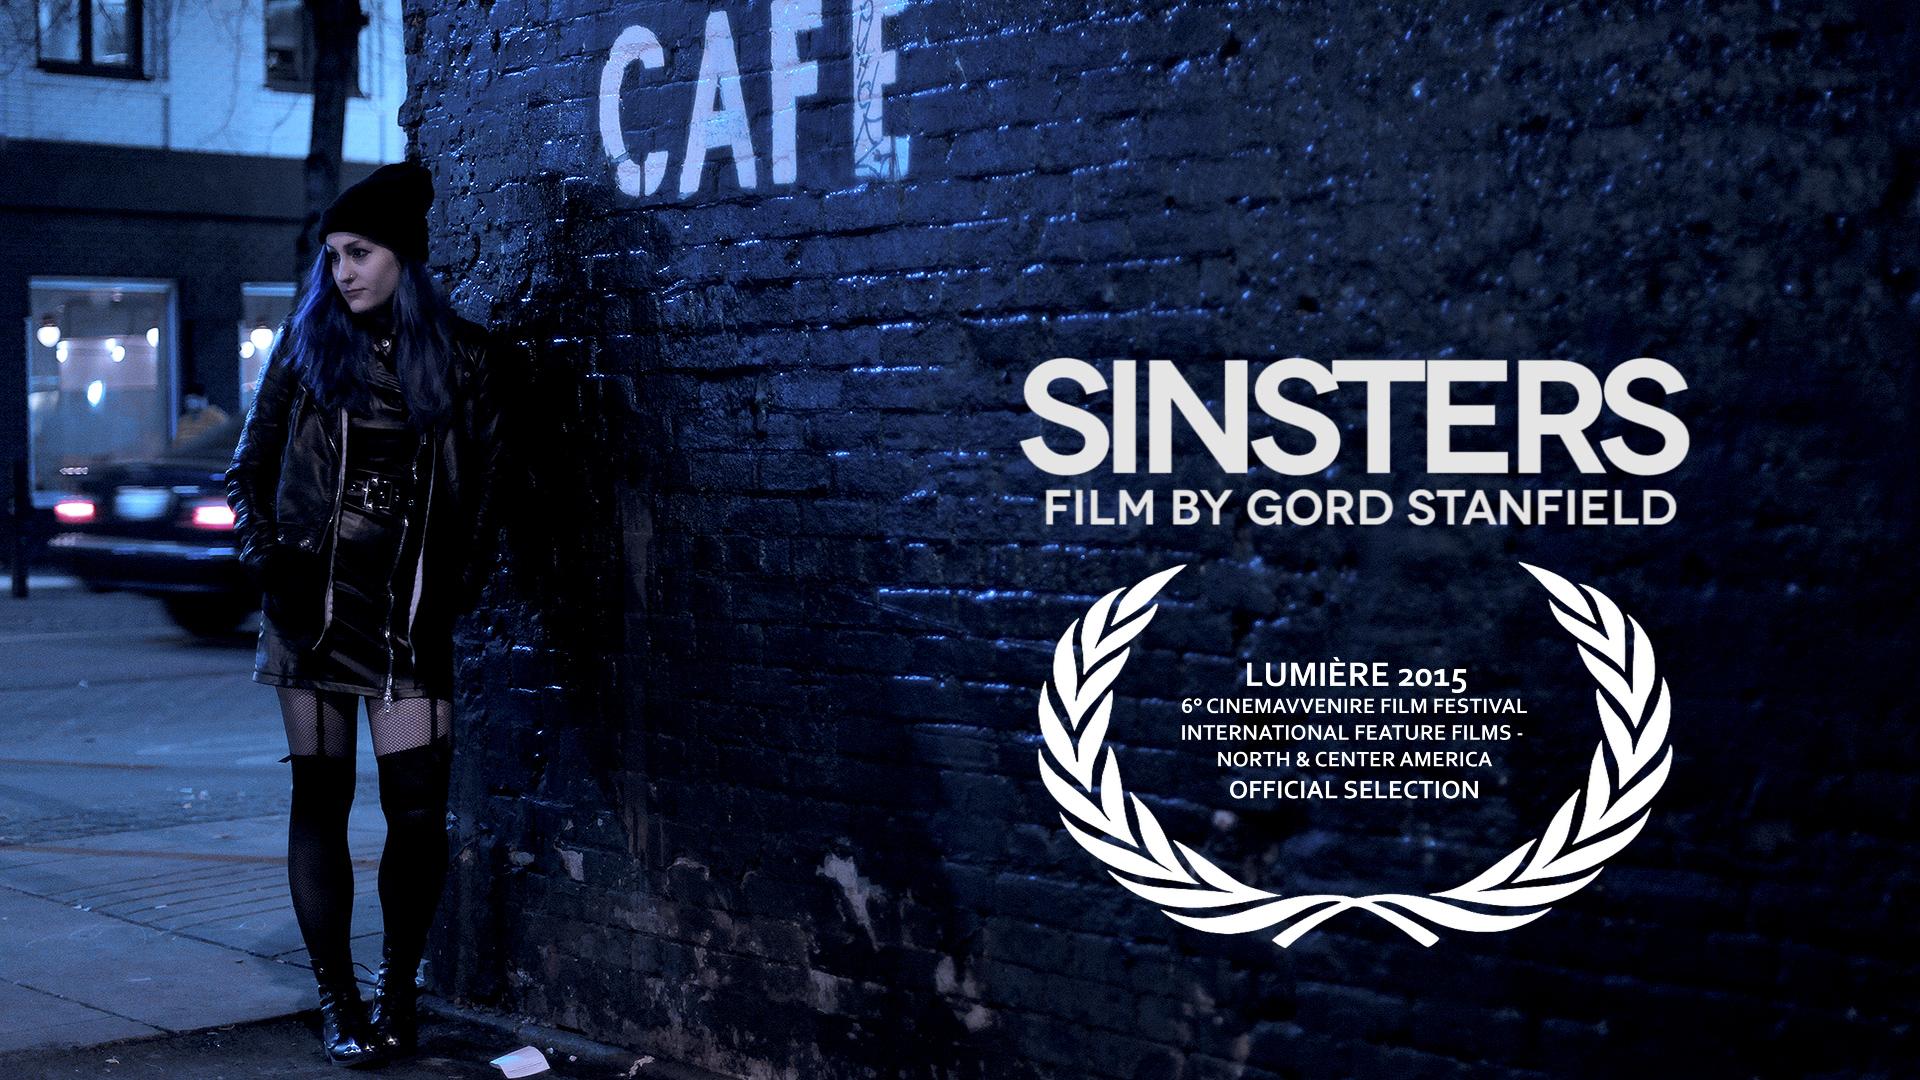 Sinsters (2015)